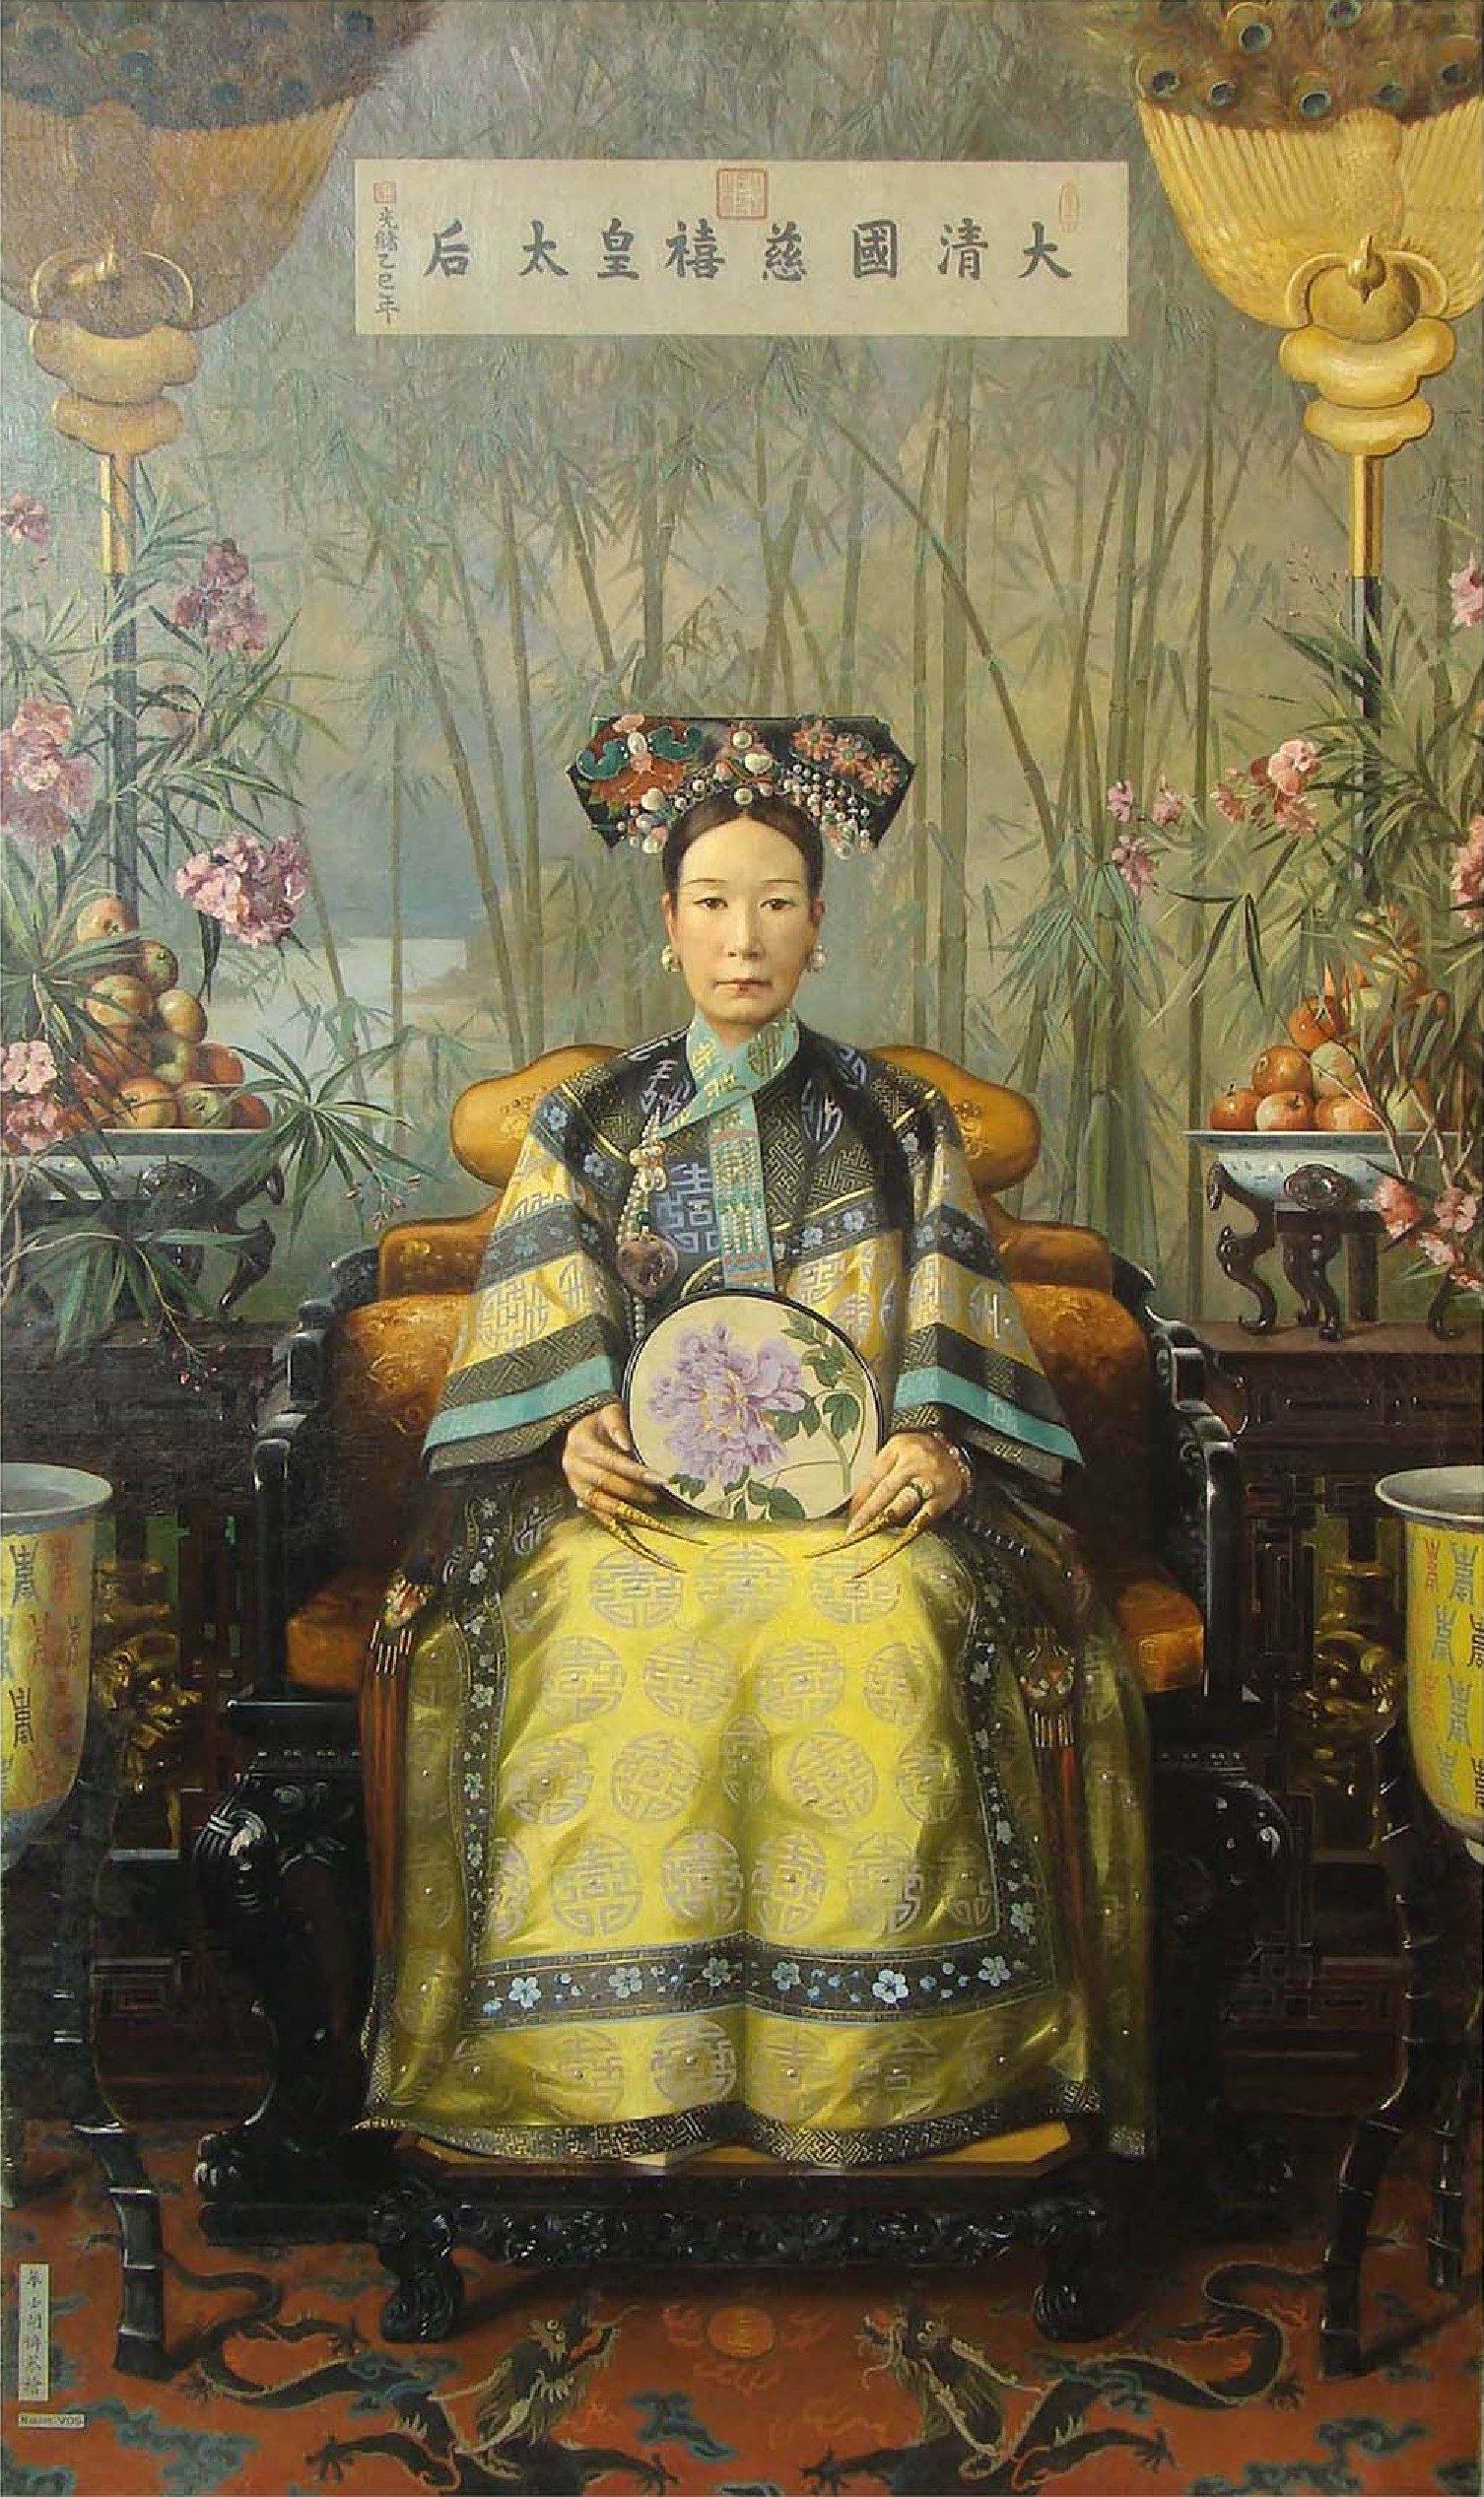 Портрет императрицы Цыси в молодые годы. Совсем не то, что на фотографиях начала XX века!